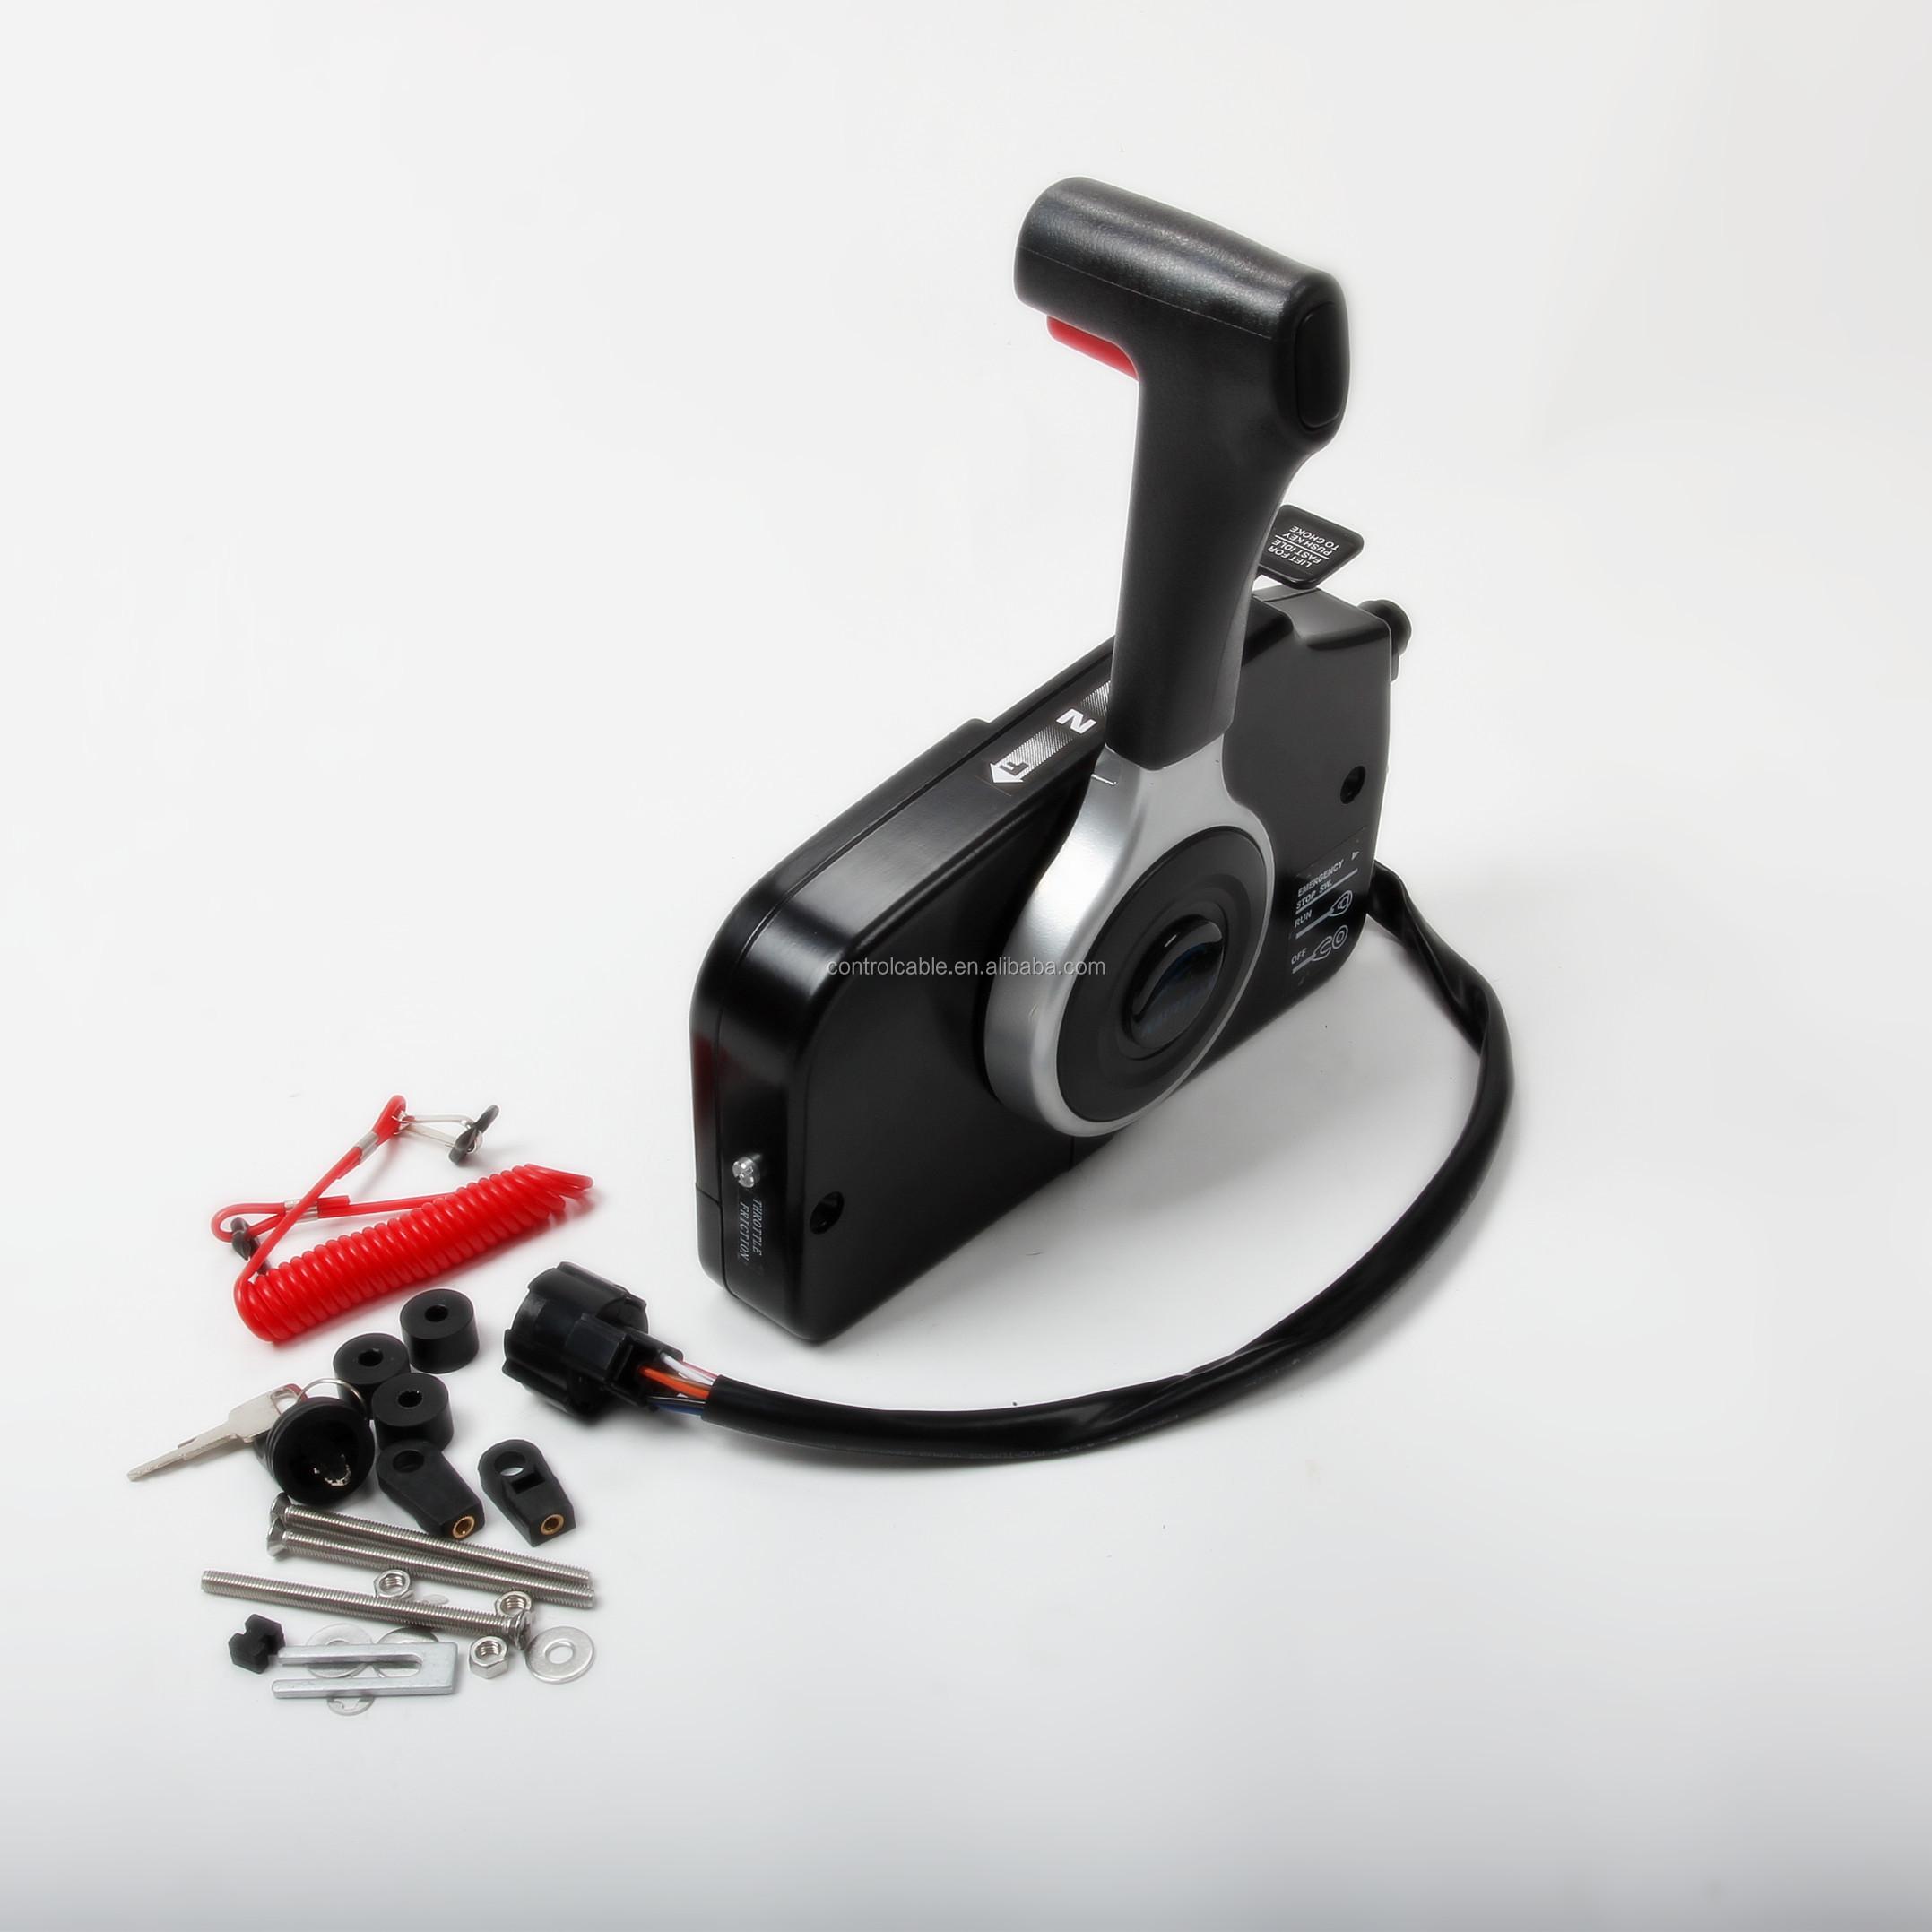 Outboard Side Remote Control Box Throttle//Shift 67200-93J50 for Suzuki Motors